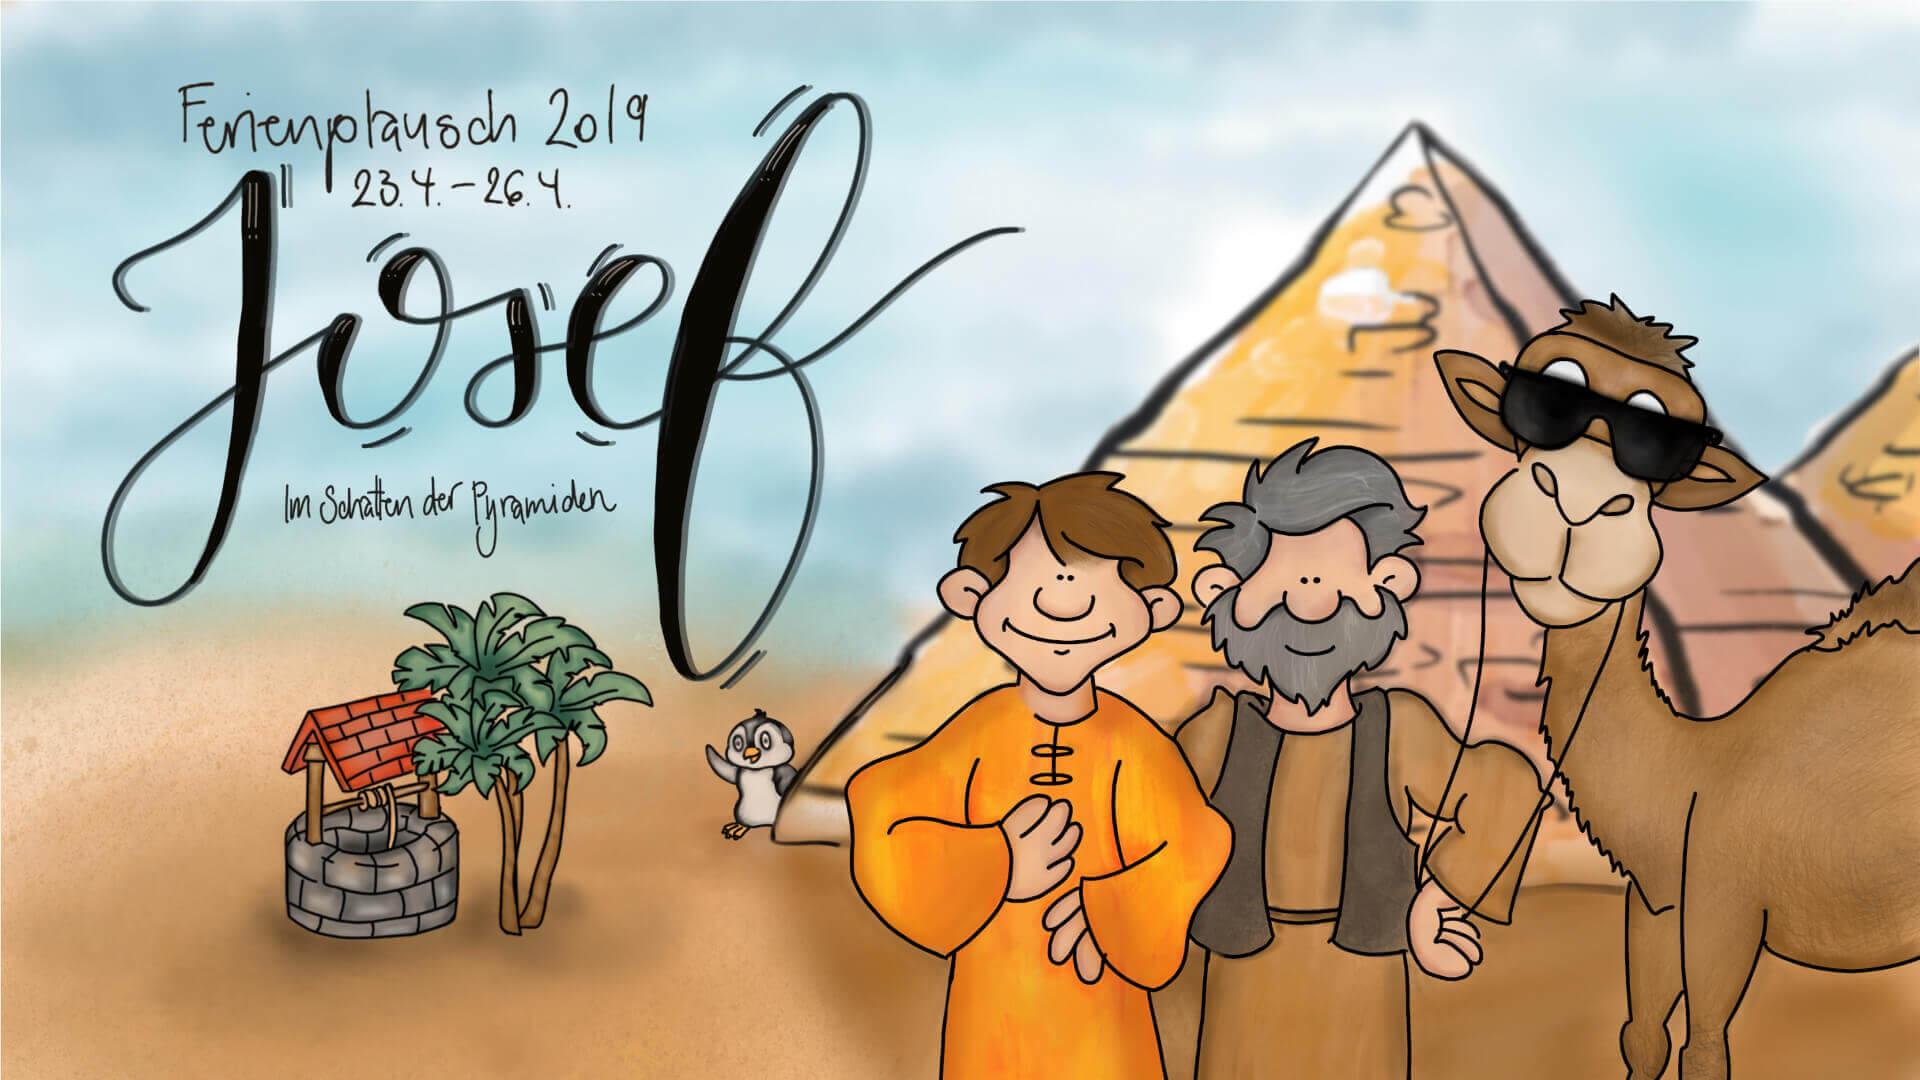 Ferienplausch 2019: Josef - «Im Schatten der Pyramiden»